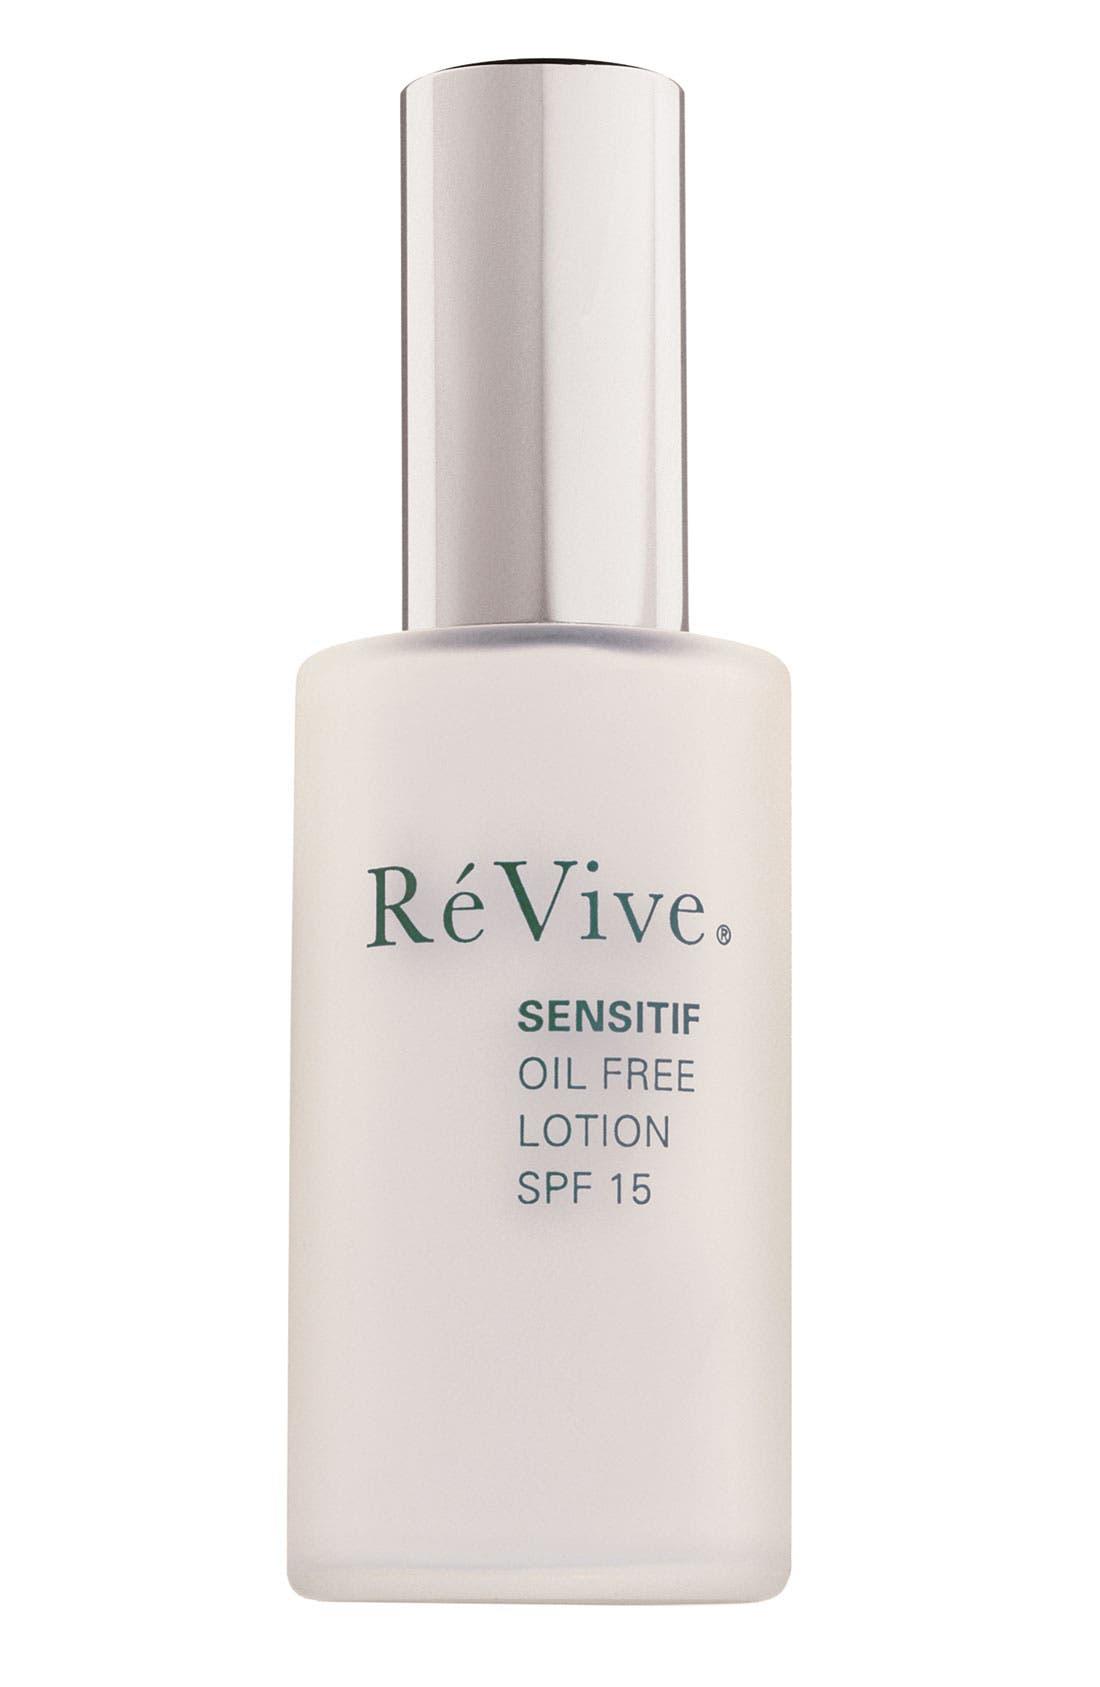 RéVive® Sensitif Oil-Free Lotion SPF 15